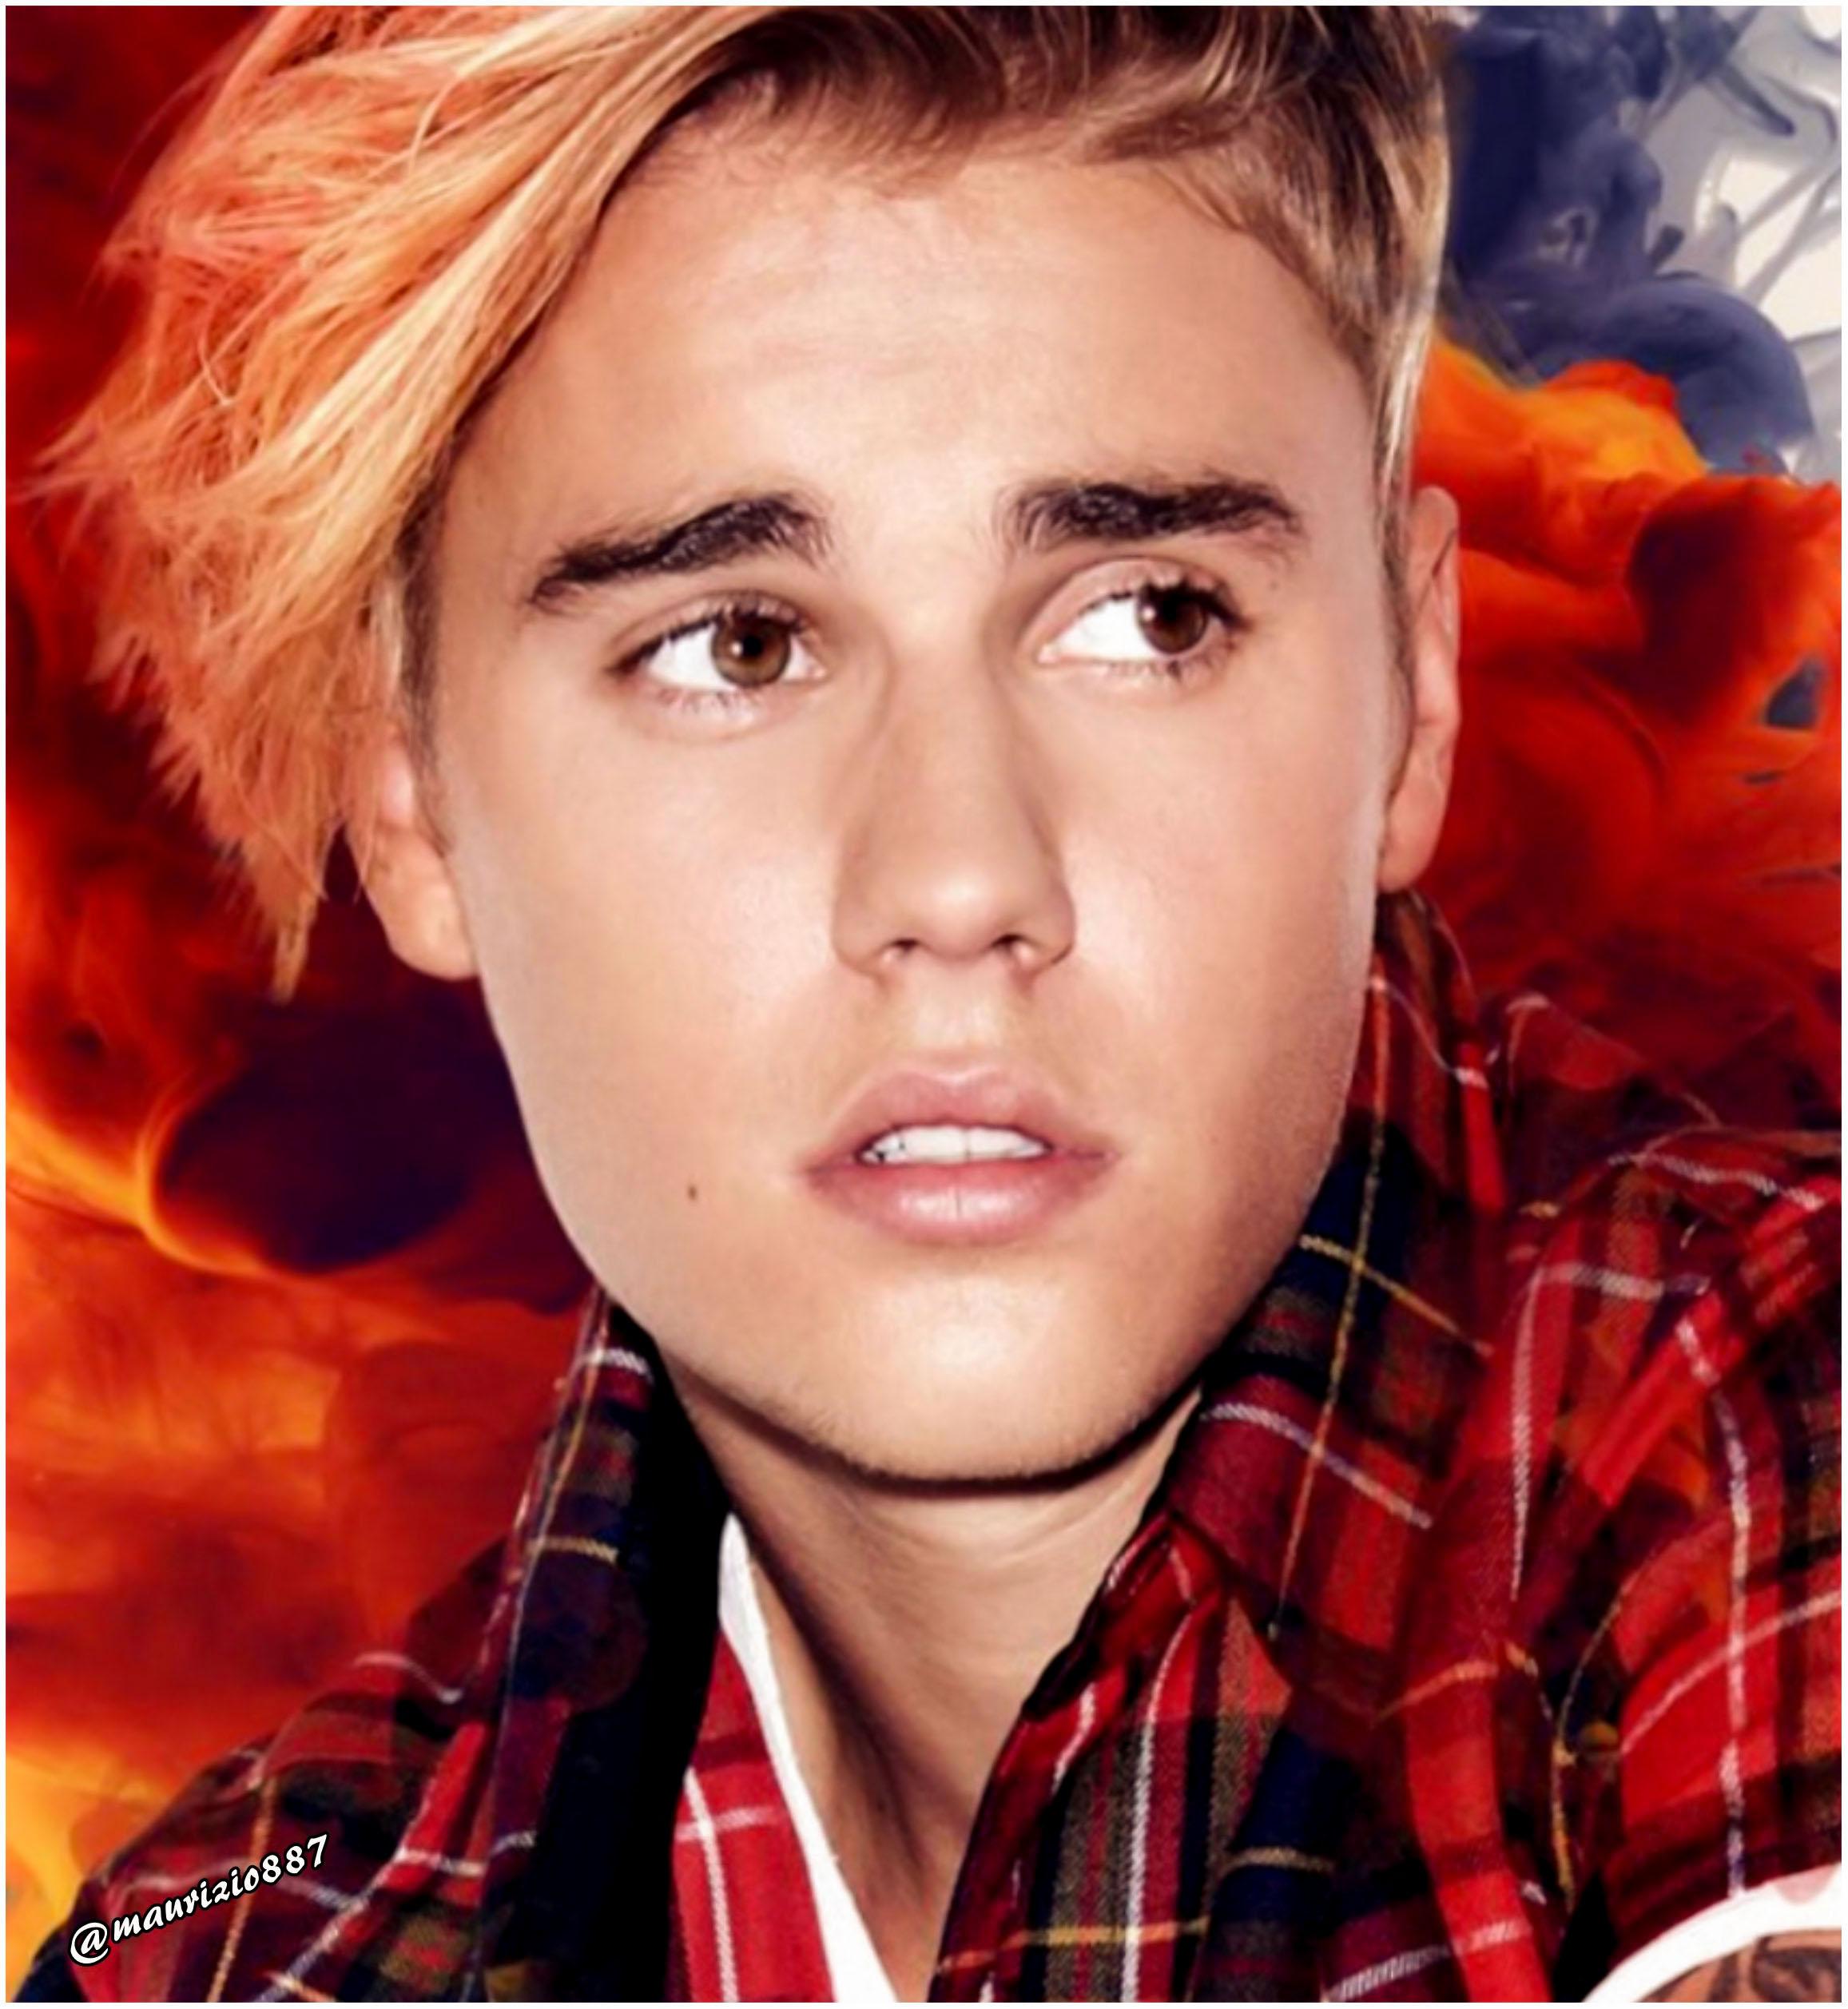 justin bieber 2016 - Justin Bieber Photo (39233885) - Fanpop